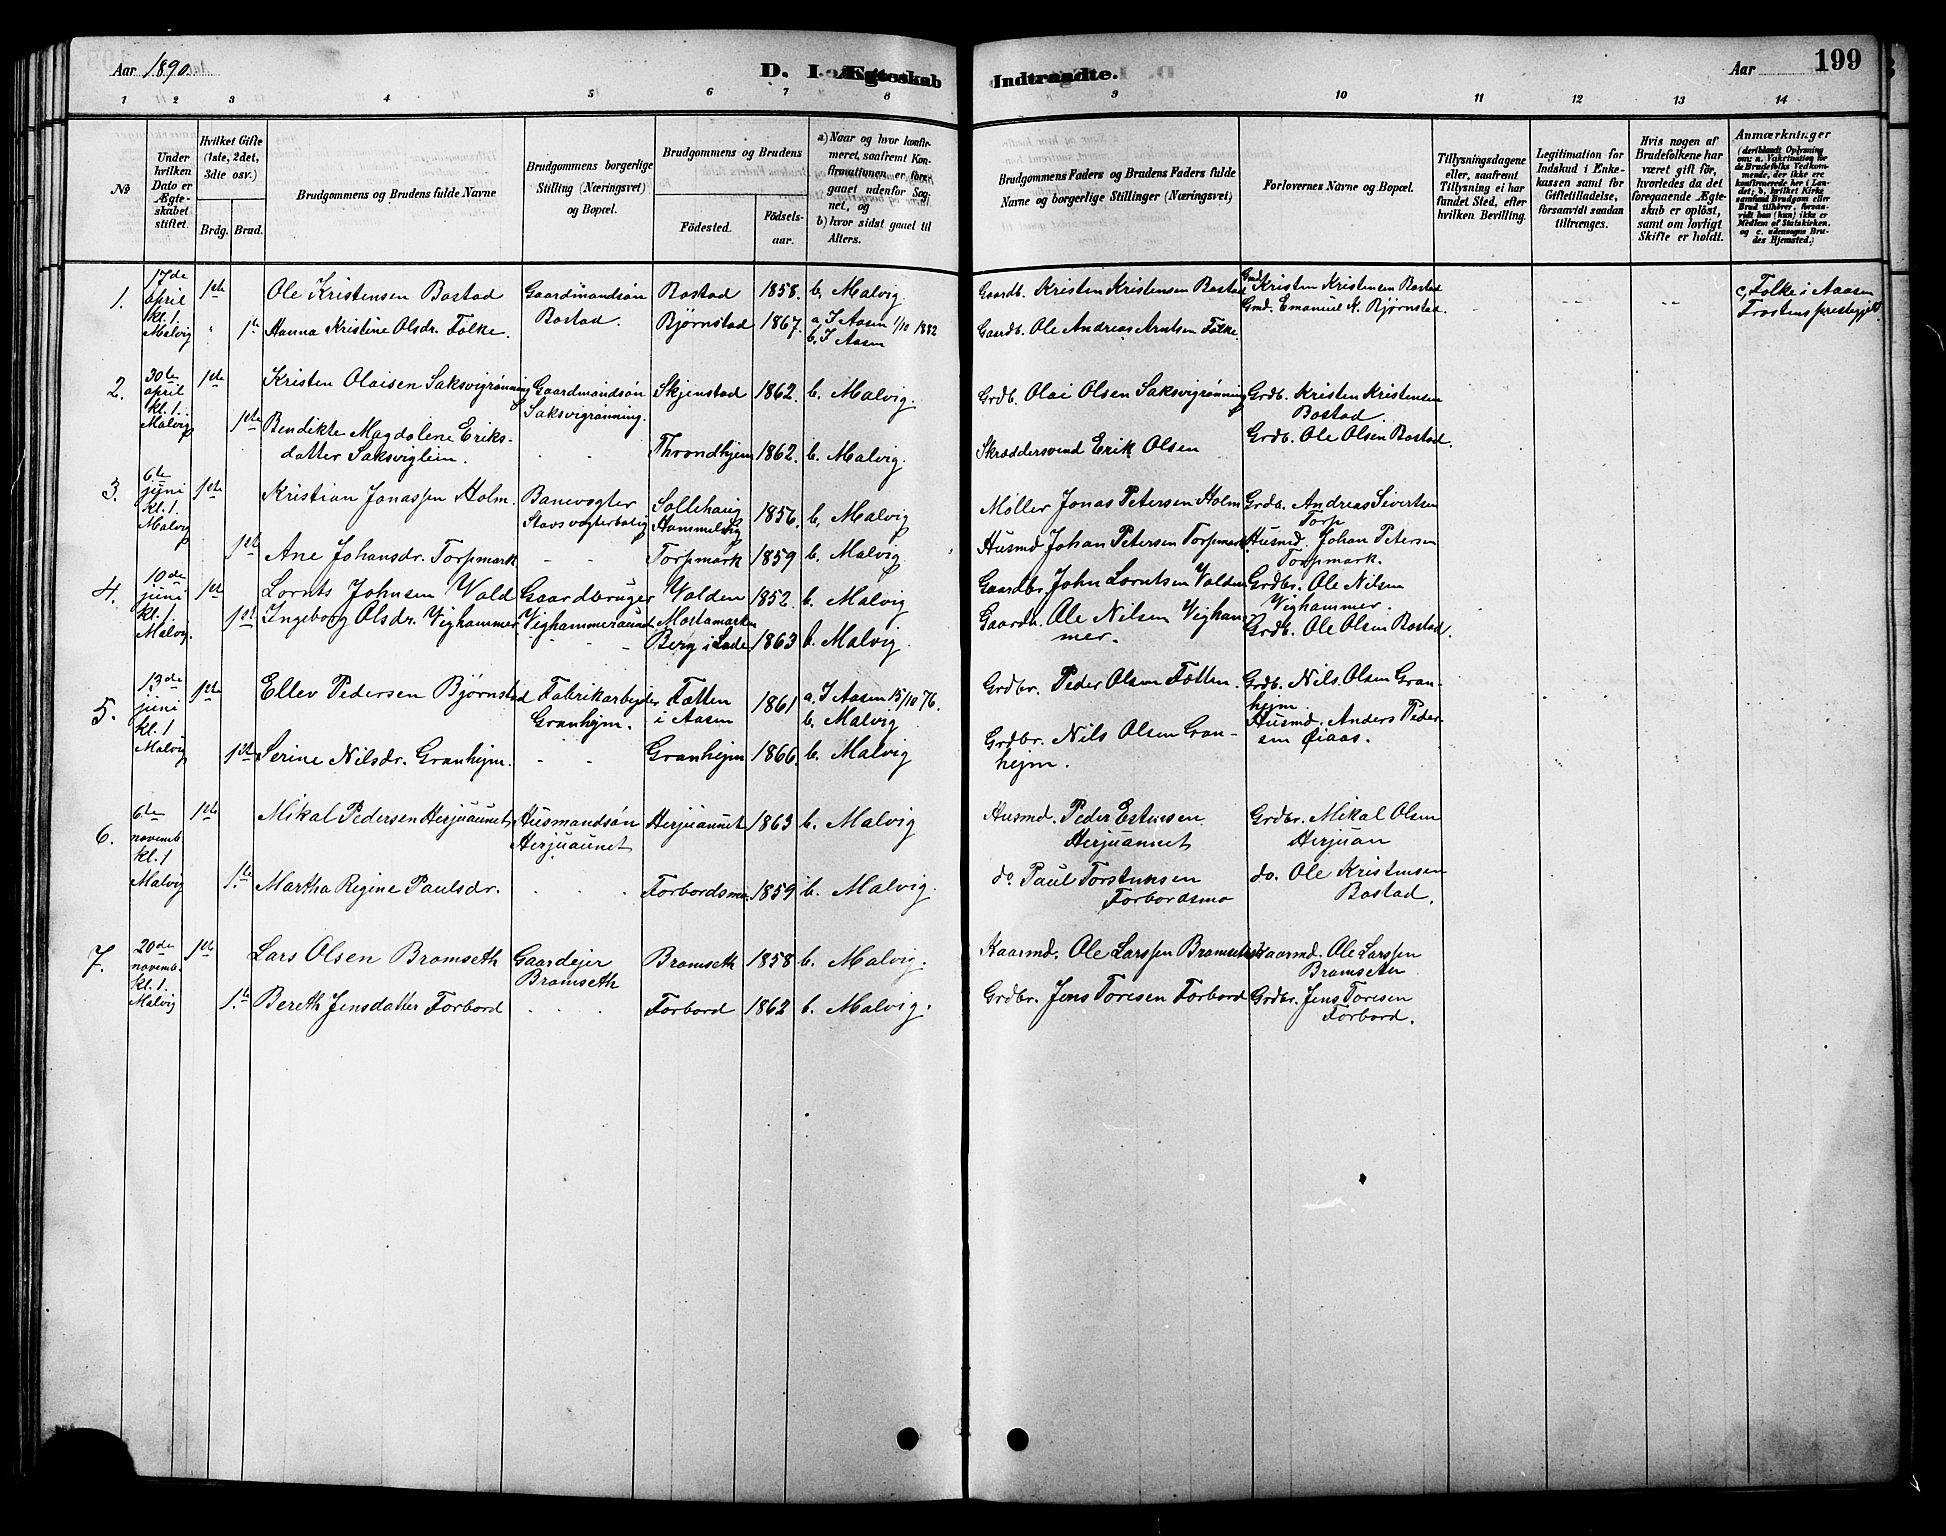 SAT, Ministerialprotokoller, klokkerbøker og fødselsregistre - Sør-Trøndelag, 616/L0423: Klokkerbok nr. 616C06, 1878-1903, s. 199